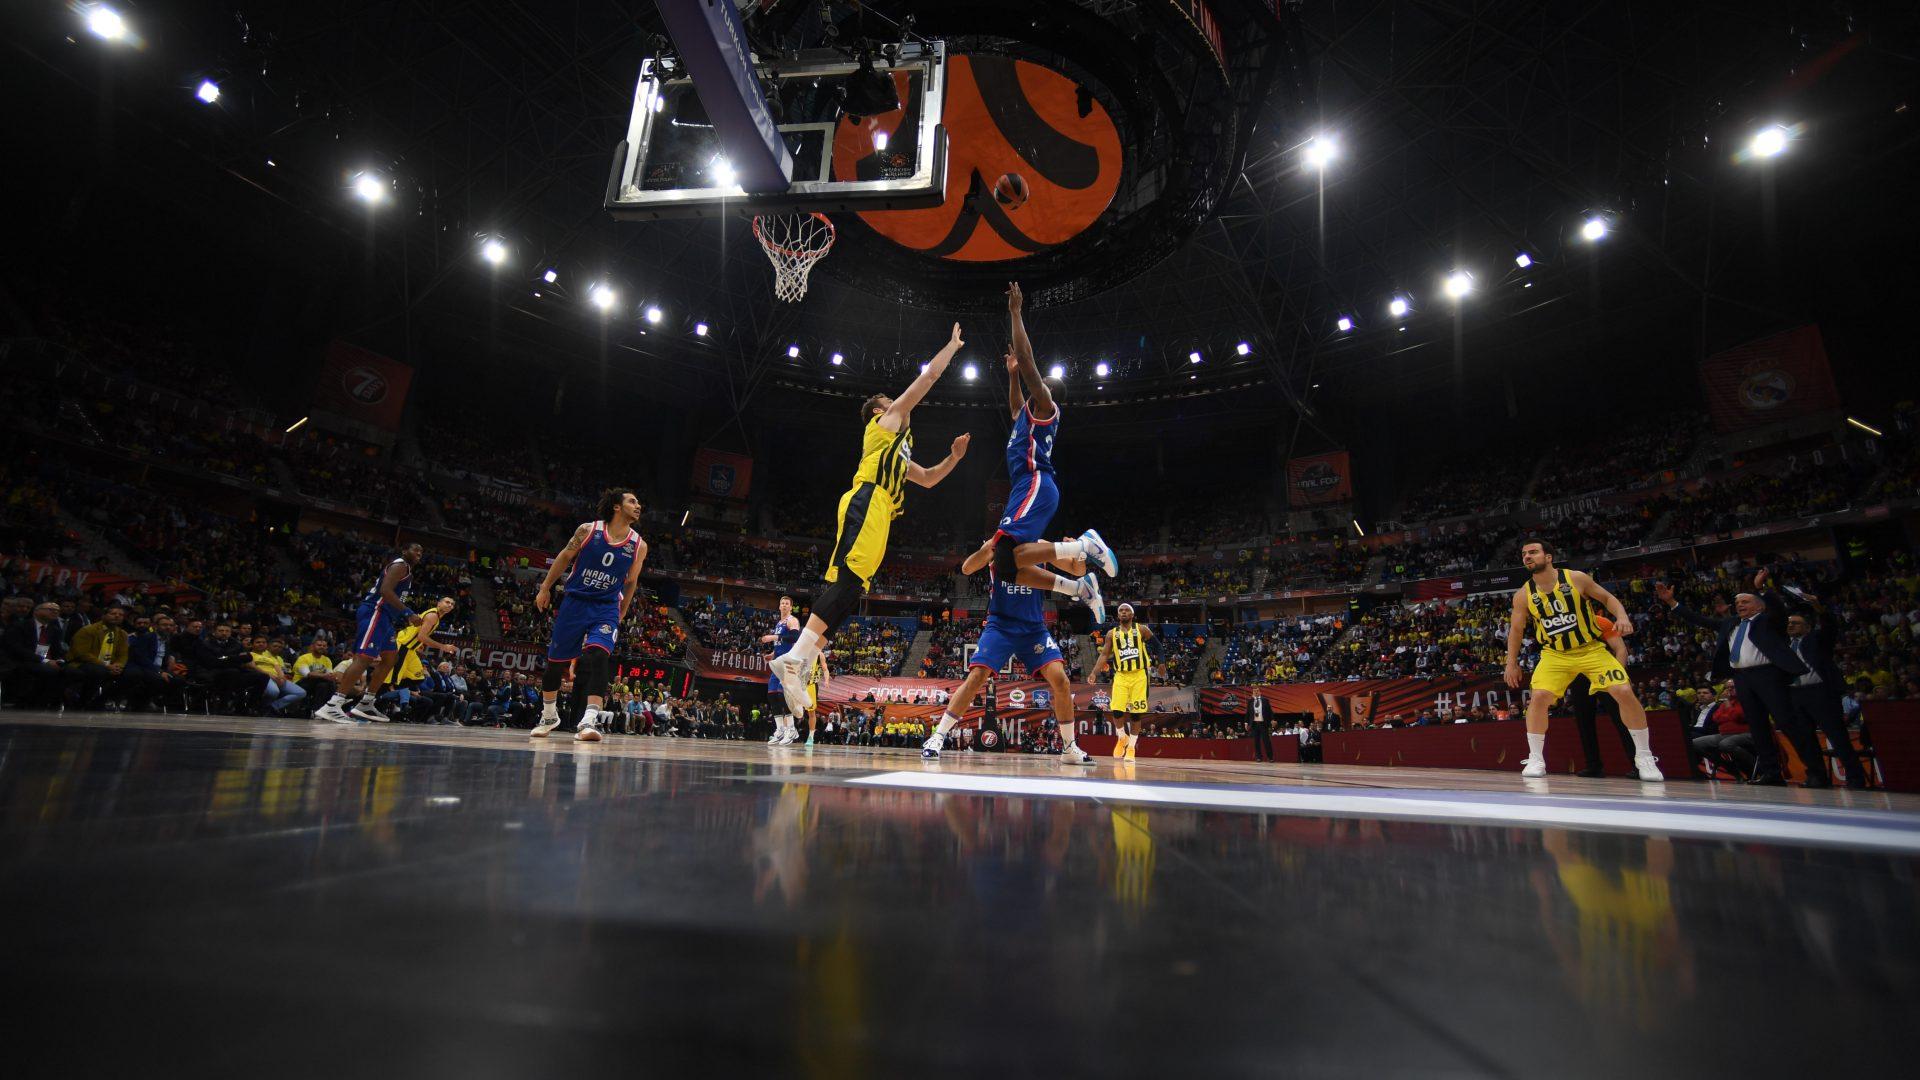 Match moment - Euroleague Basketball Final Four in Vitoria